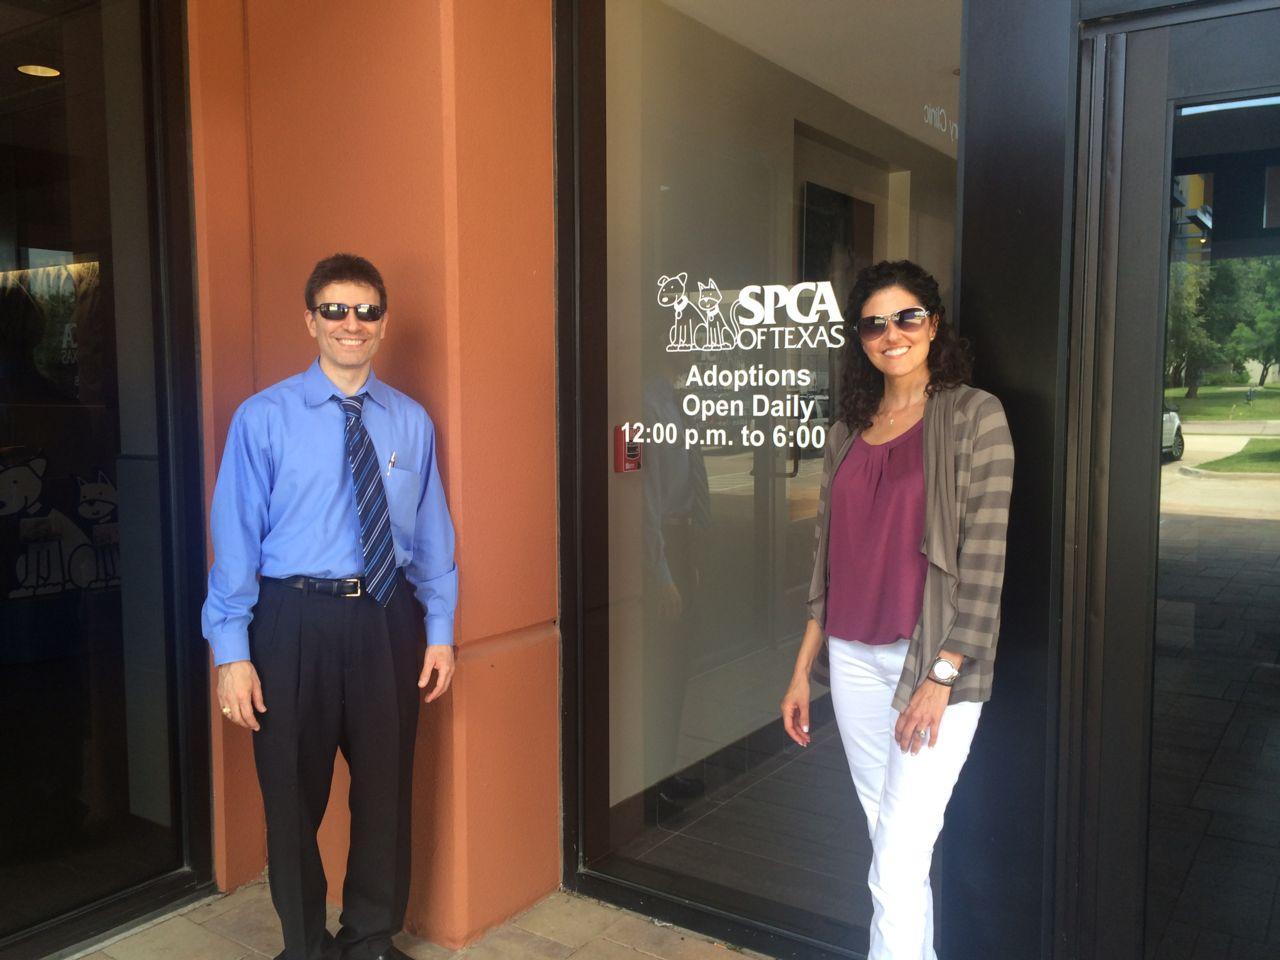 Gary Ashmore Lori Ashmore Peters Attorneys SPCA of Texas